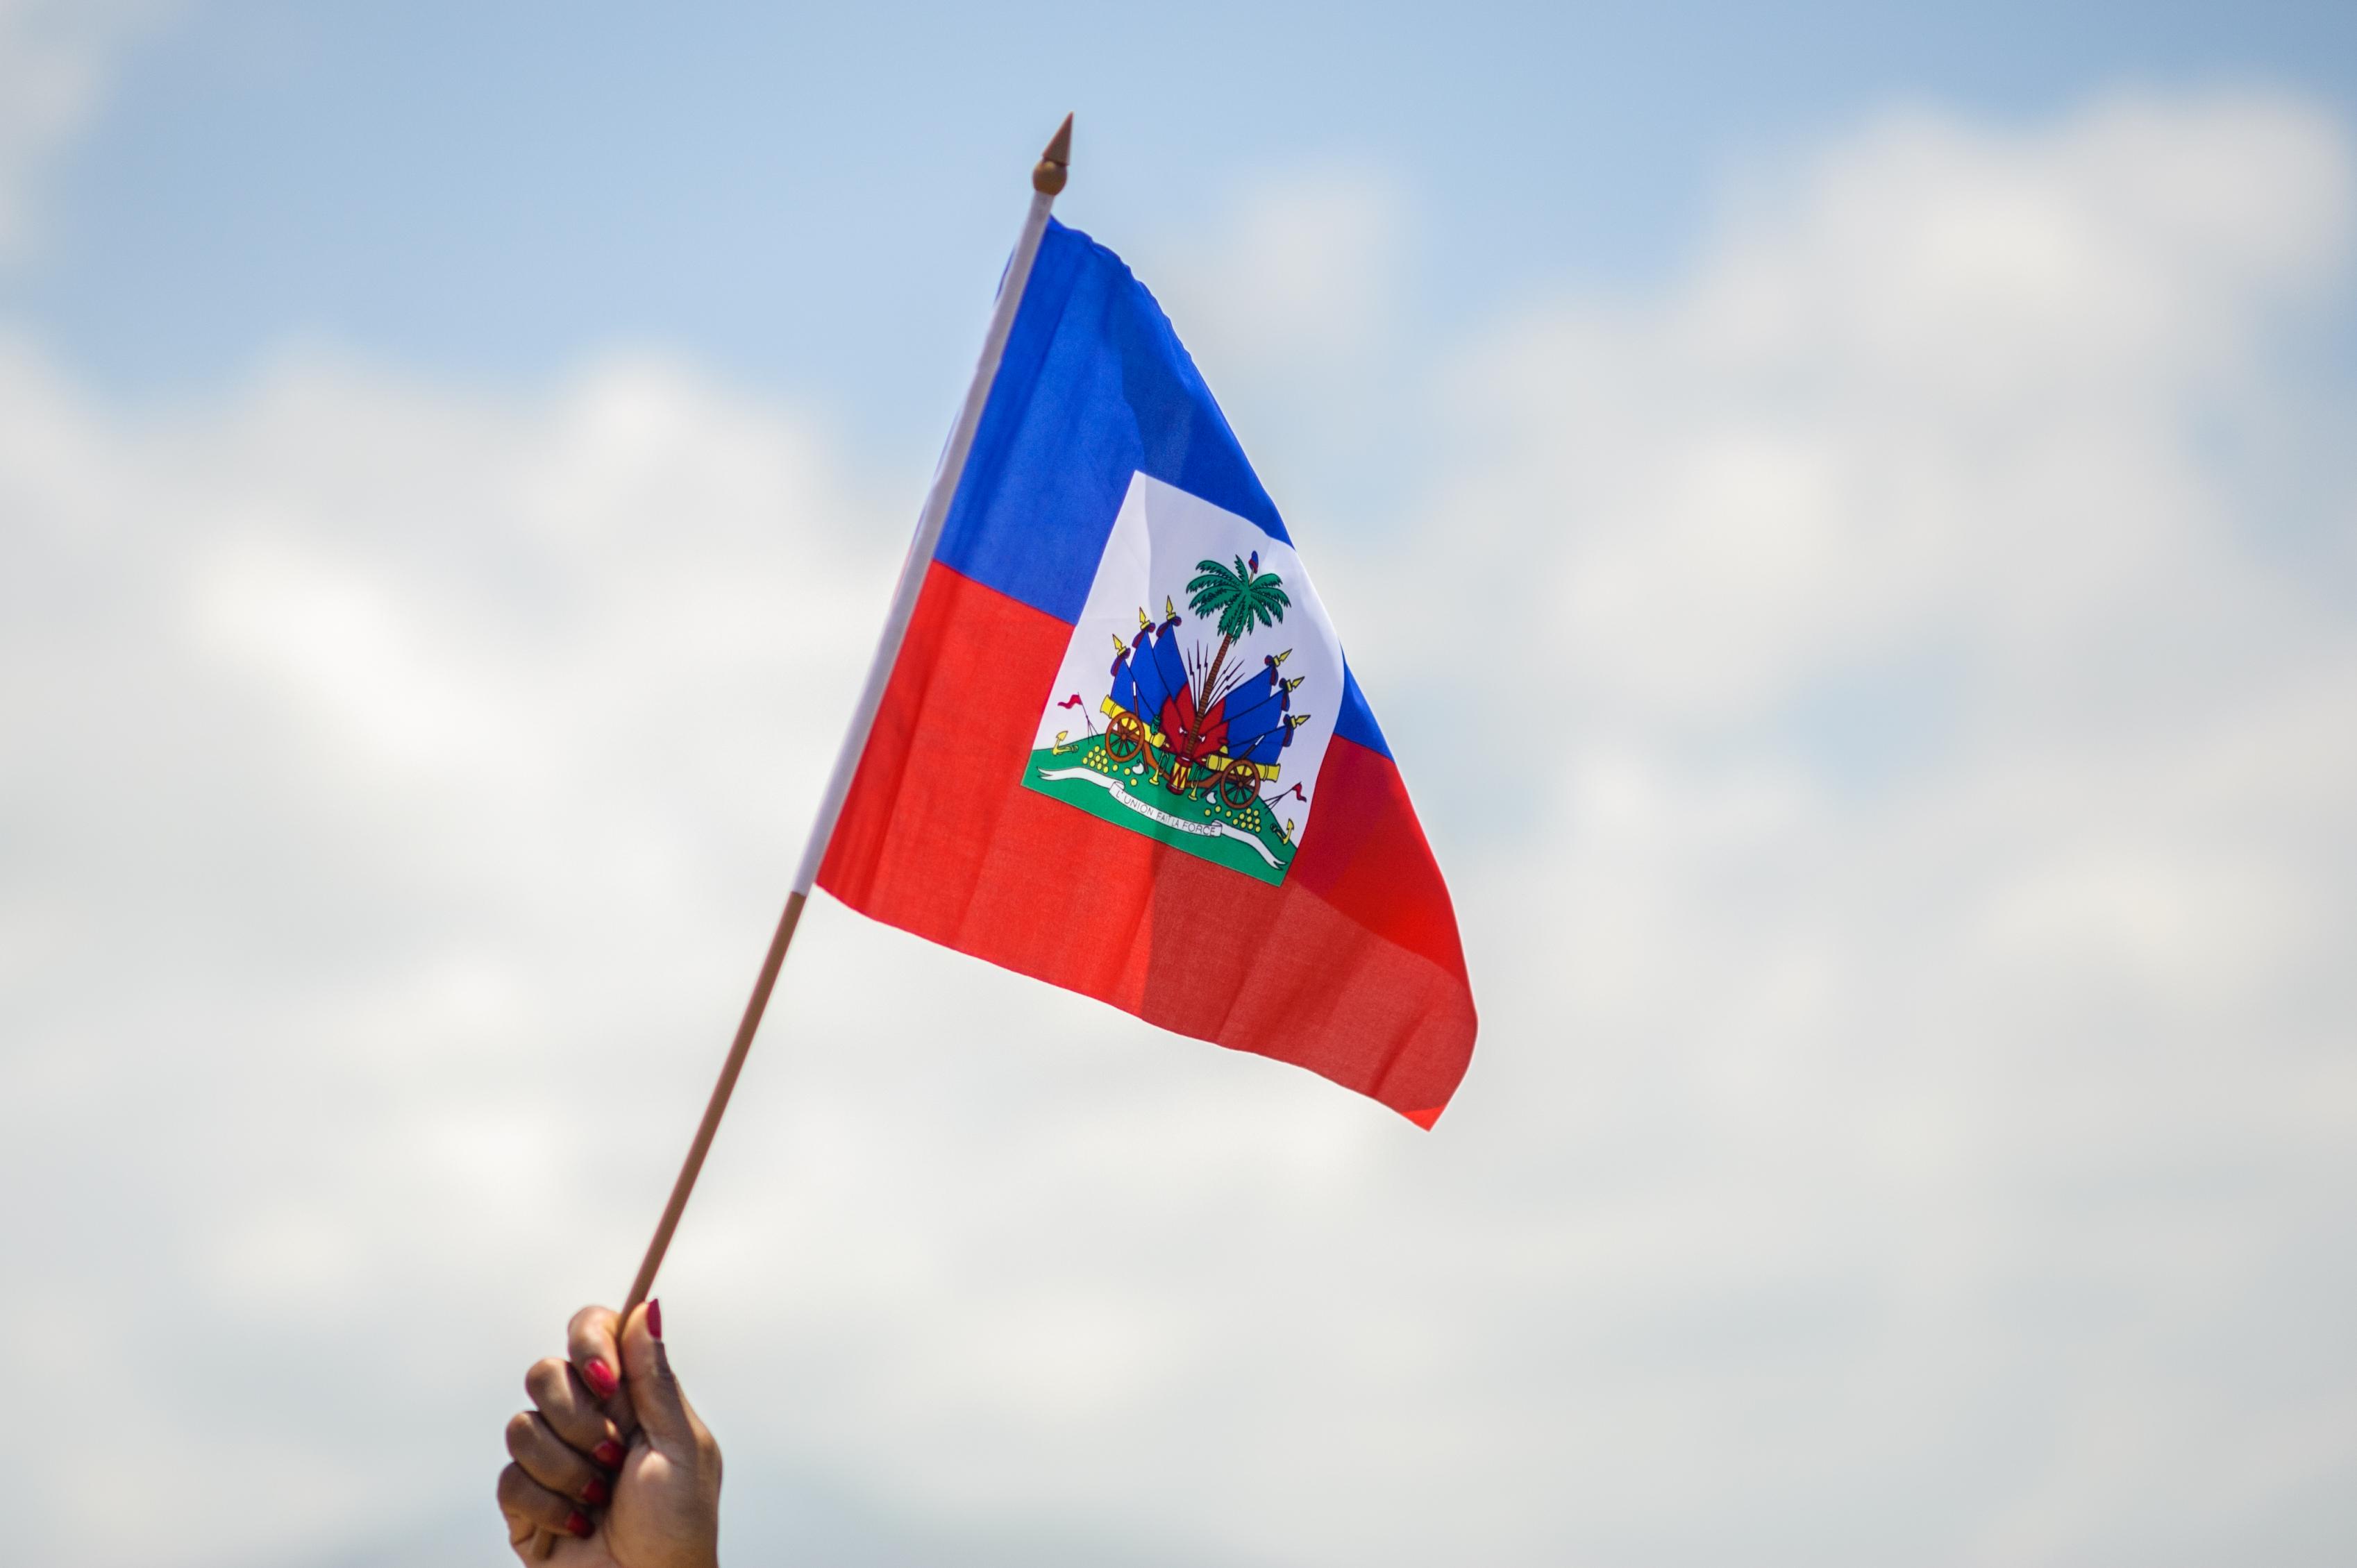 Flag of Haiti, Image: Ayiti Drapo